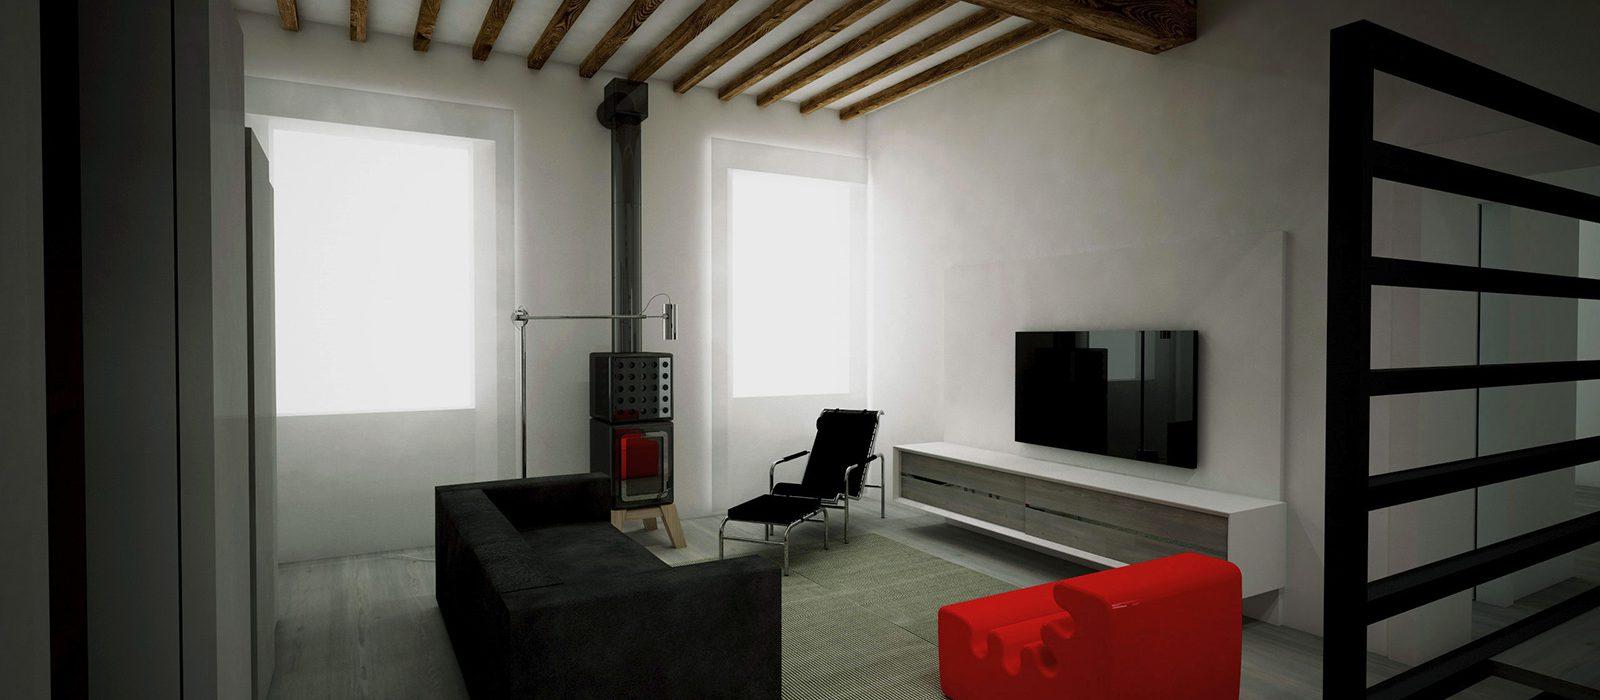 07_piazza_spallanzani_progetto_architetto_giuseppe_passaro_interni